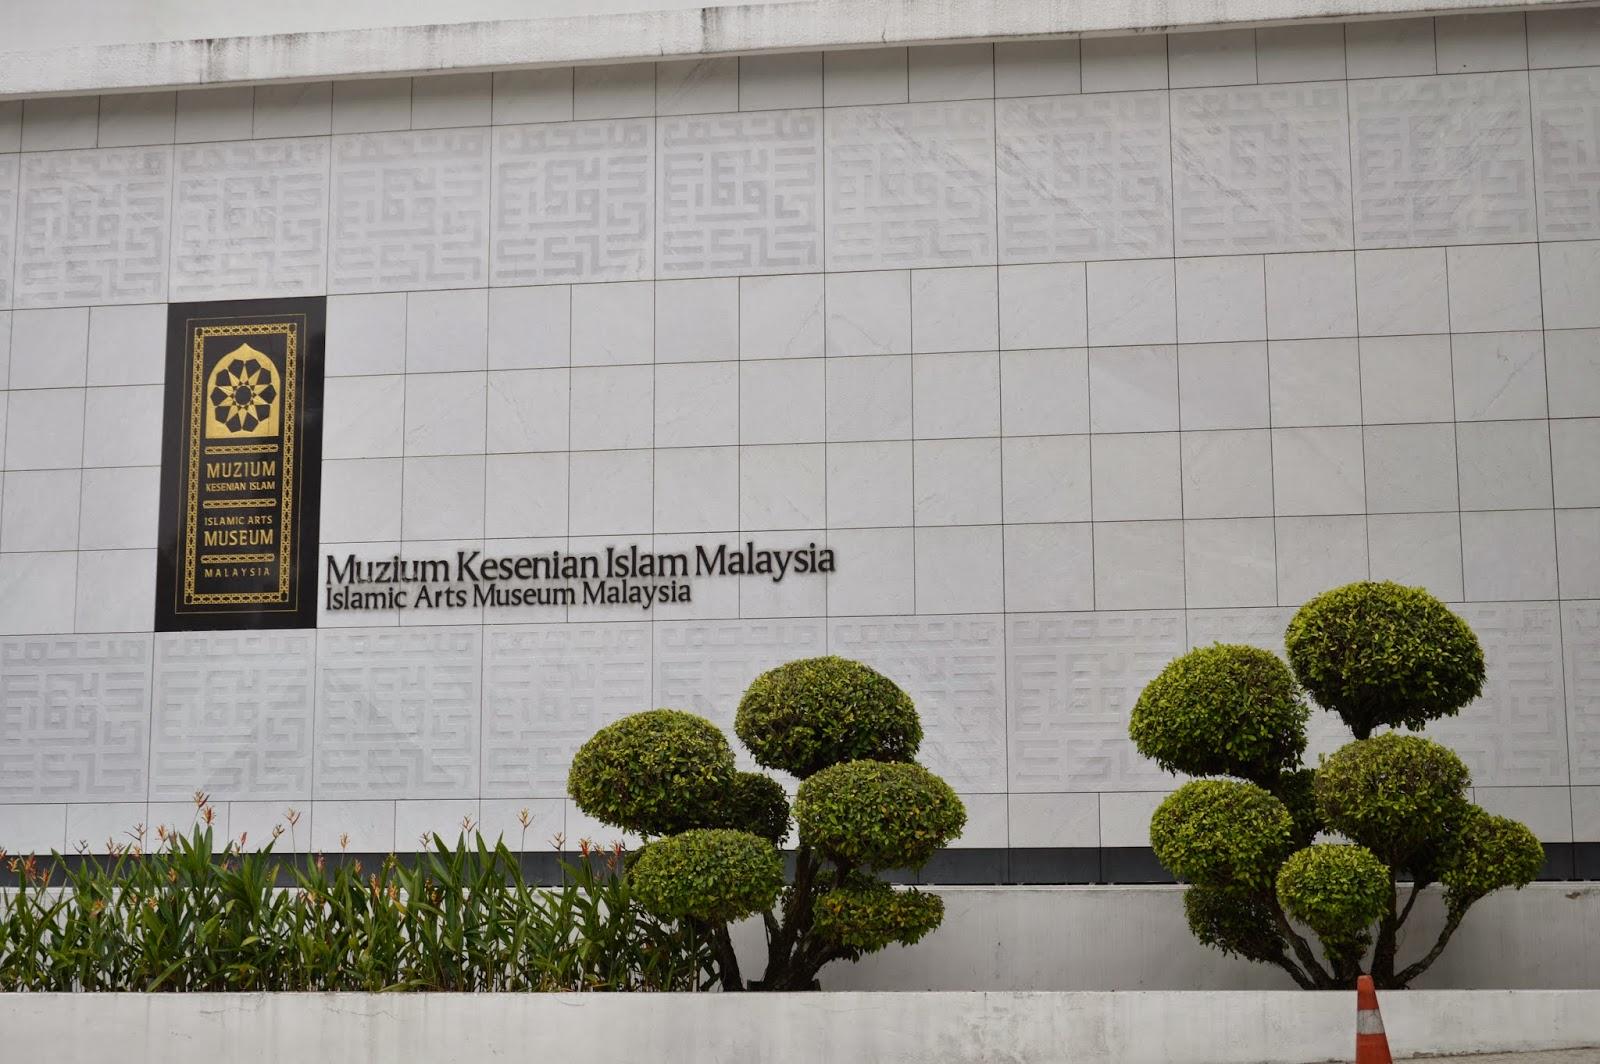 Картинки по запросу Library Islamic Arts Museum Malaysia